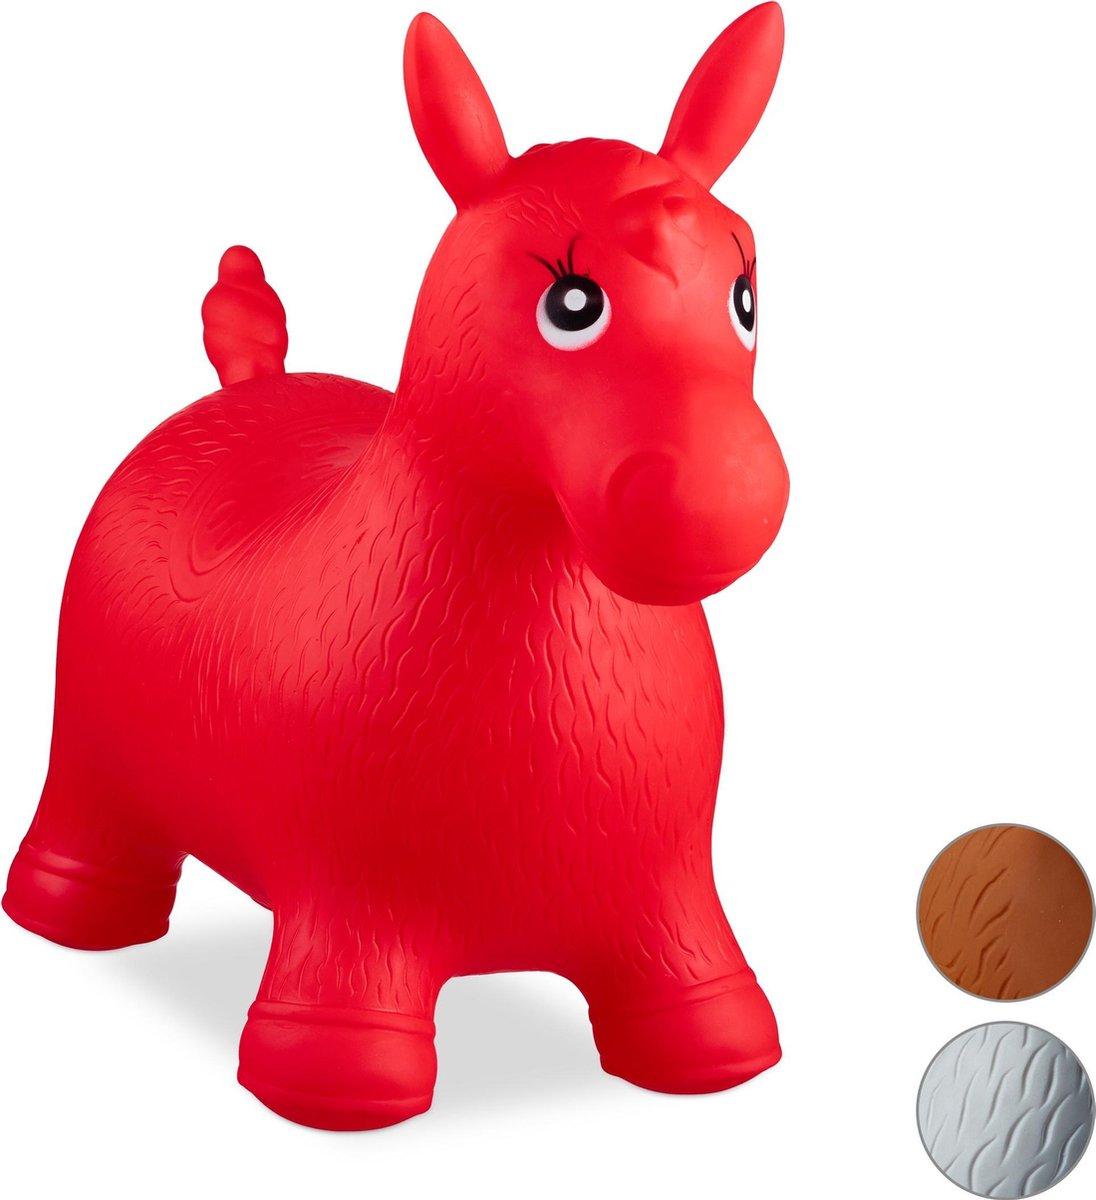 relaxdays Skippy dier paard - skippydier - skippyball - skippybal paard - 50 kg - kinderen rood